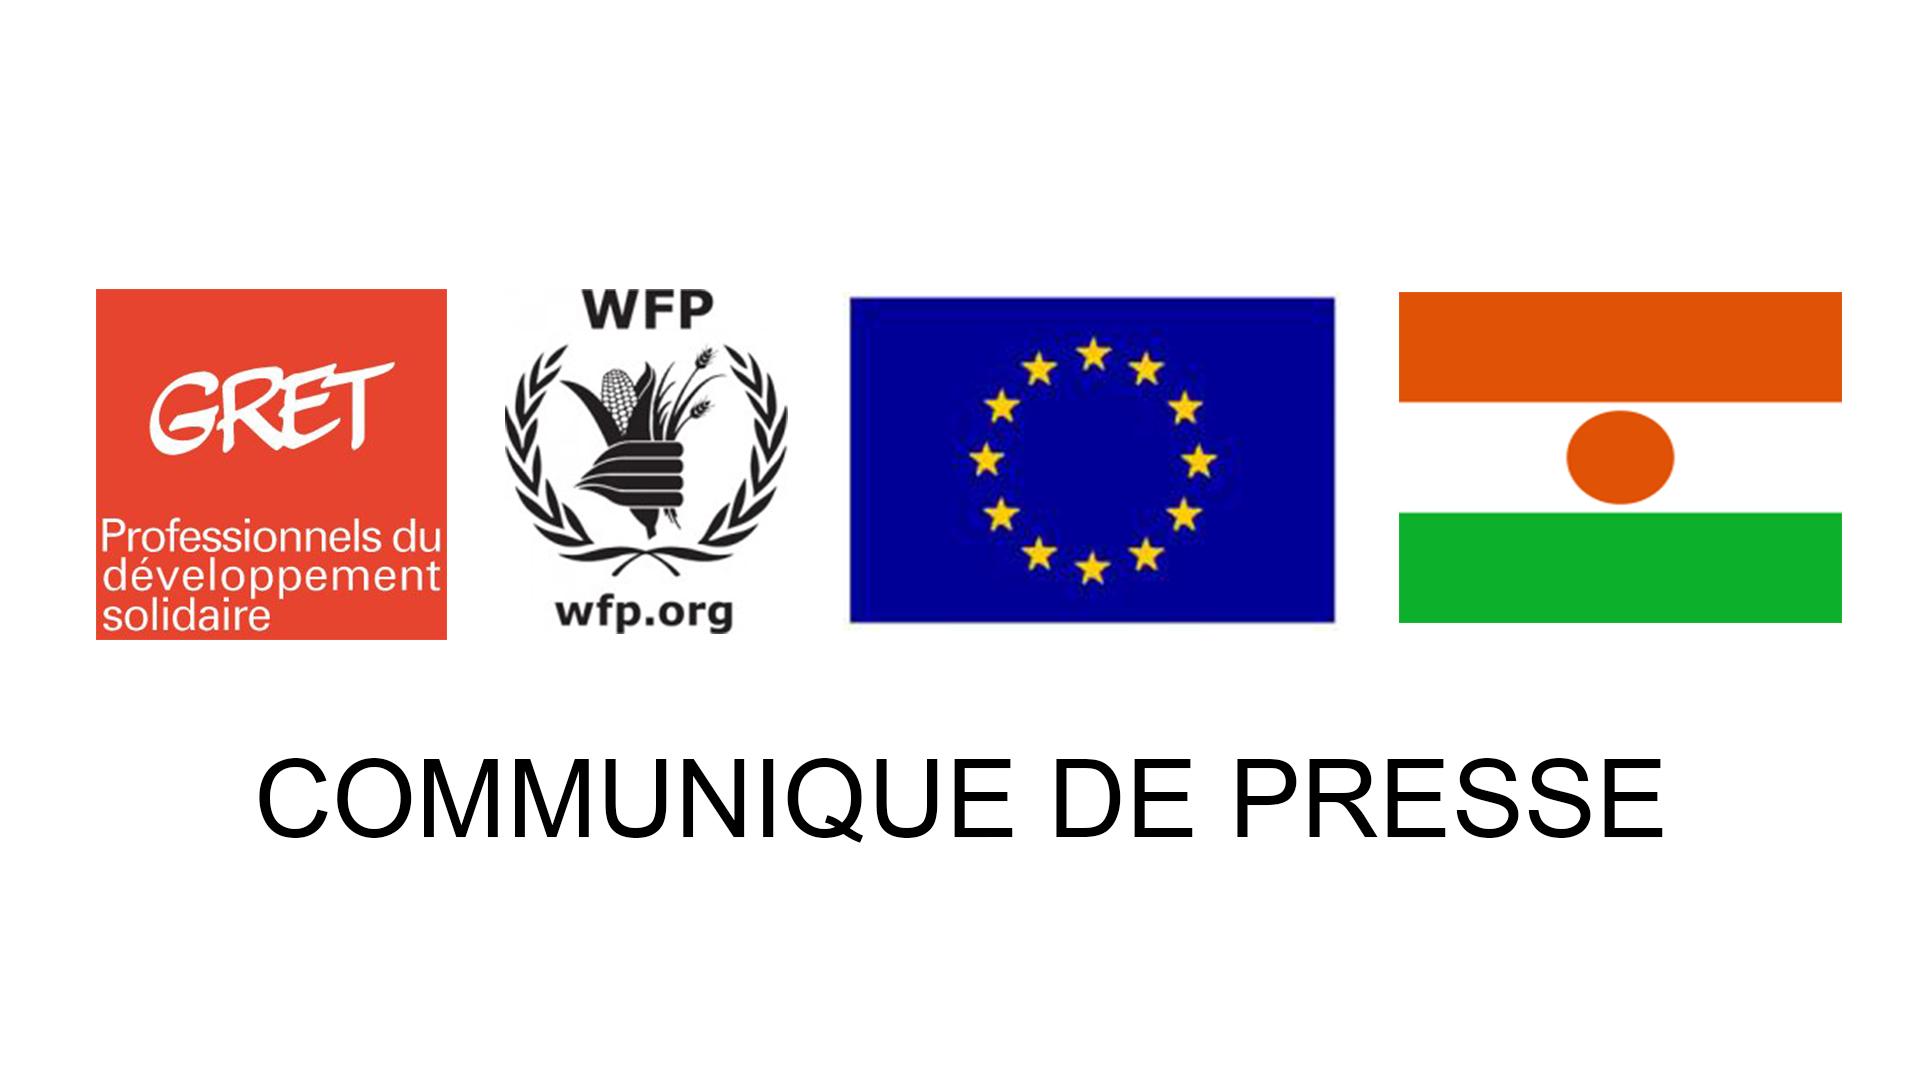 L'Union européenne appuie le Niger dans le domaine de la fortification alimentaire à travers le financement deux projets de prévention de la malnutrition mis en œuvre par le PAM et le GRET